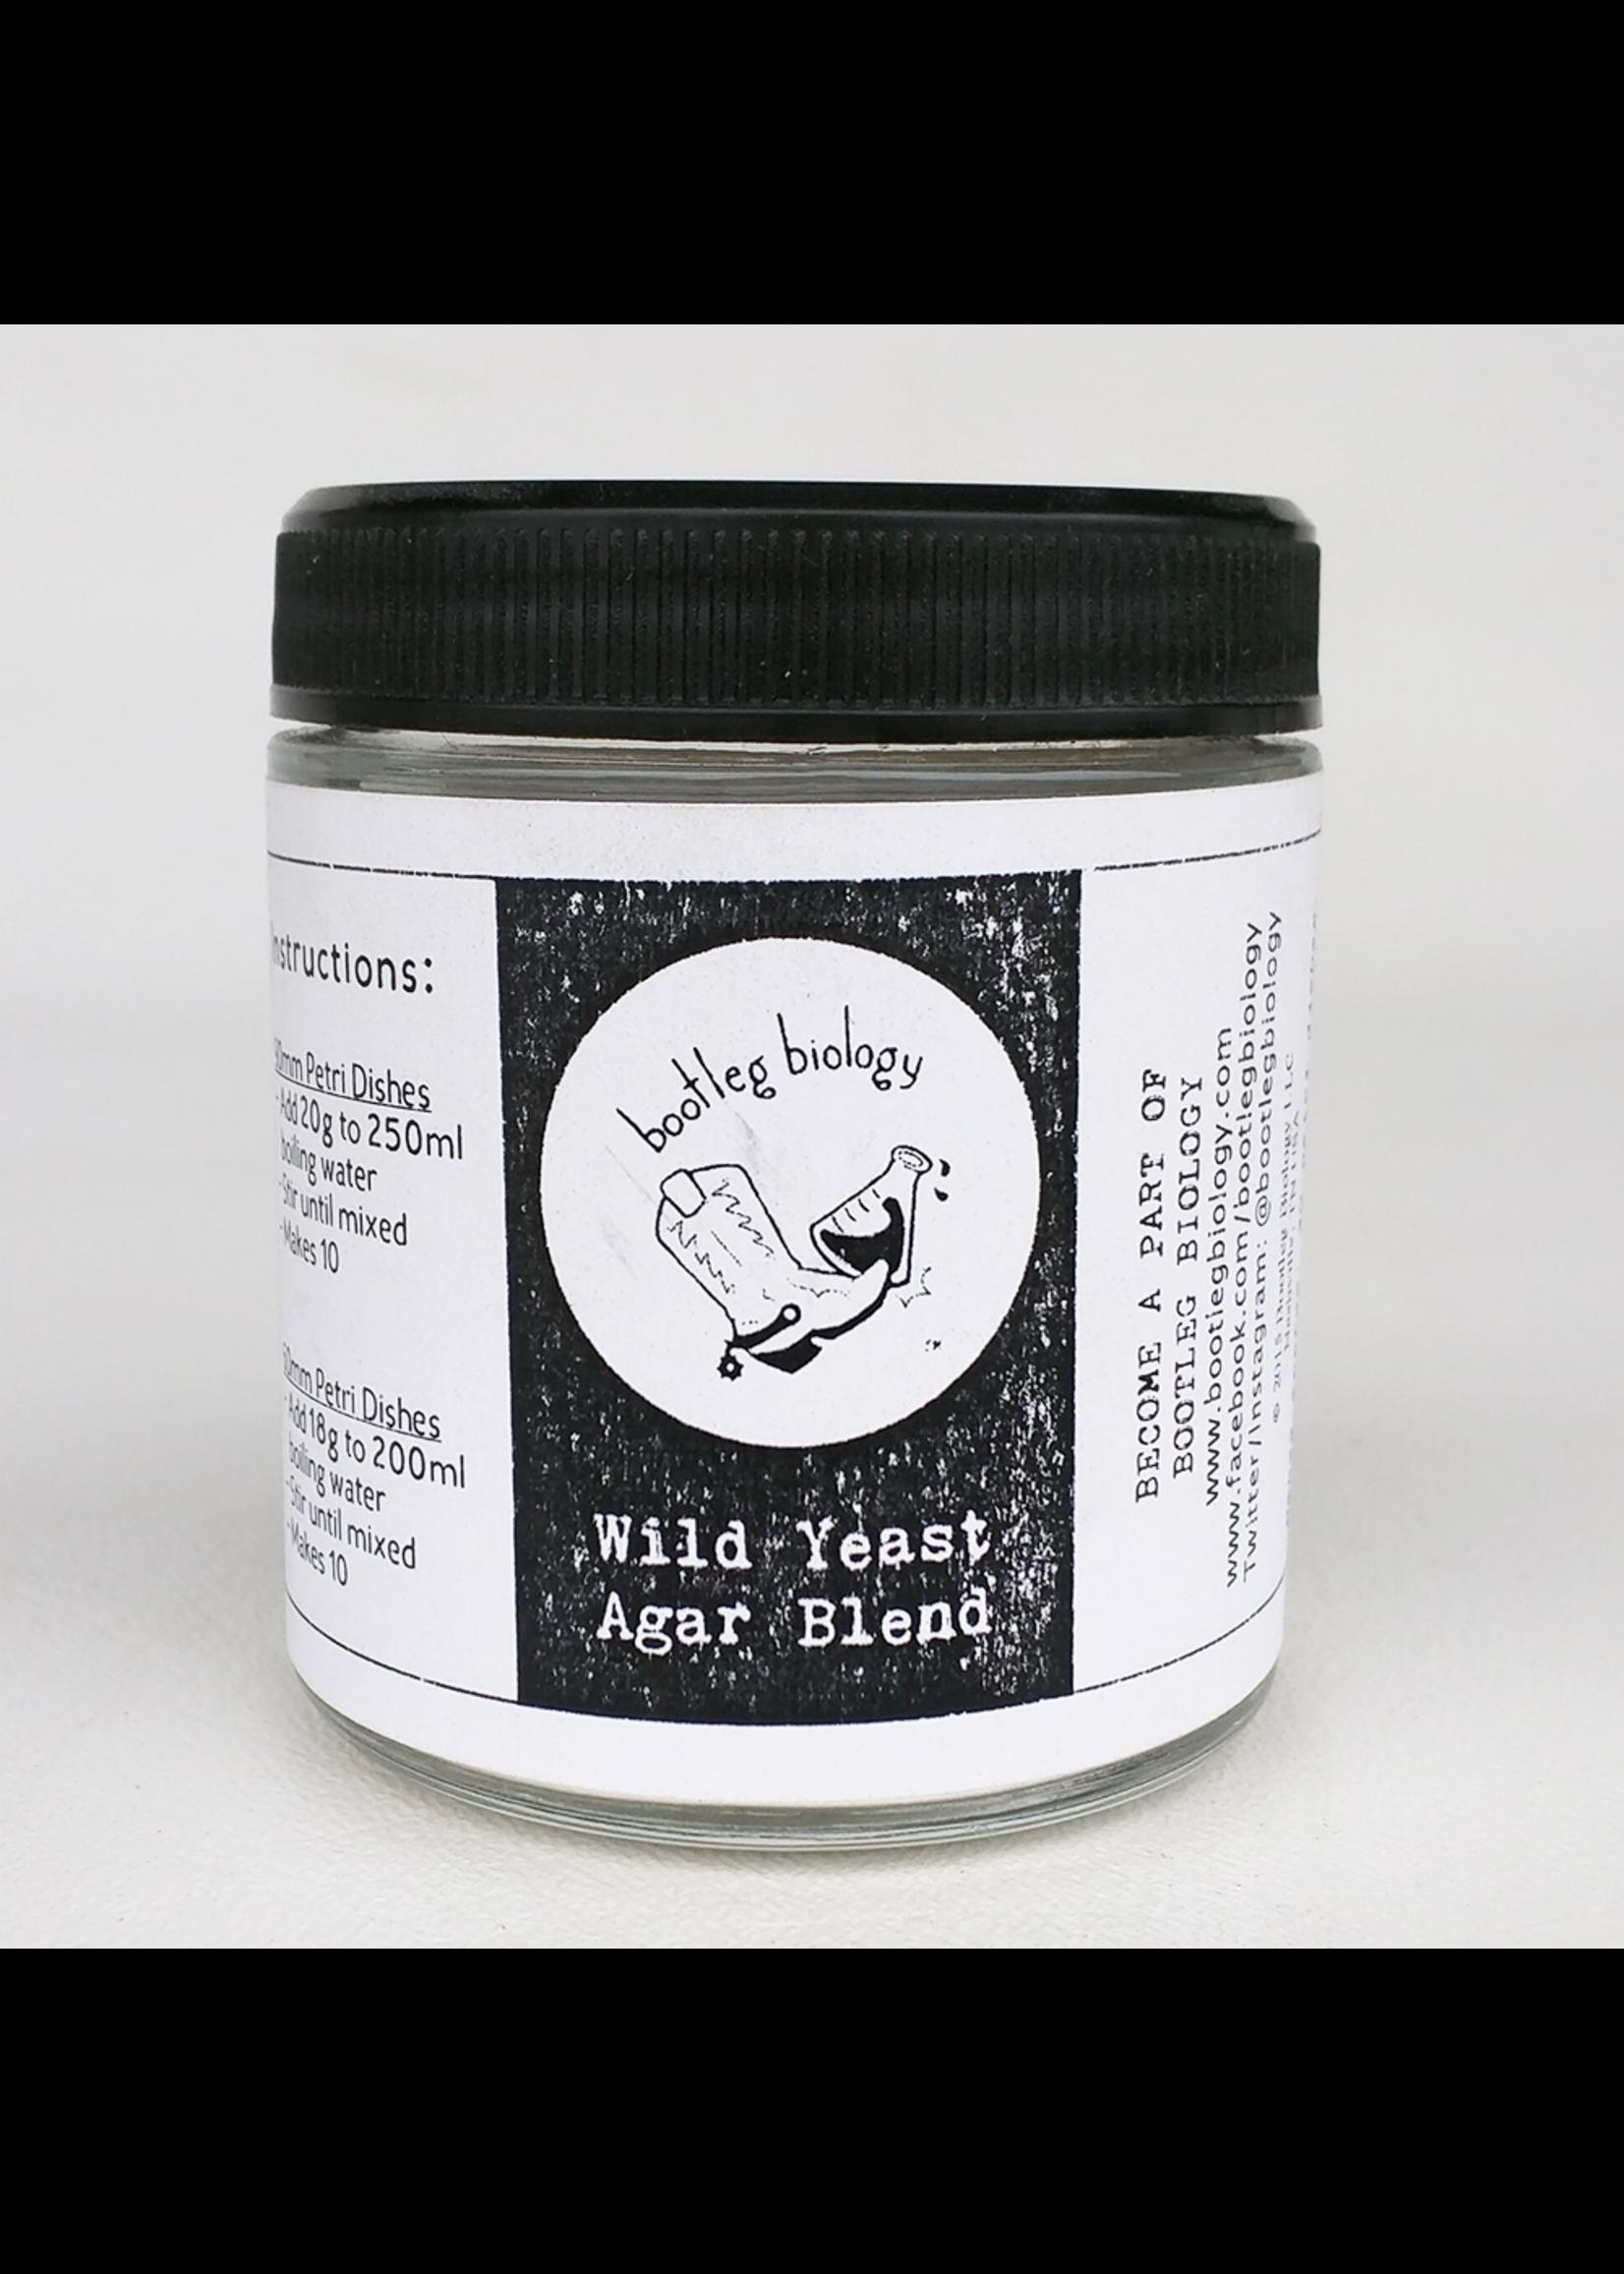 Yeast Bootleg Biology Wild Yeast Agar Blend - 60g